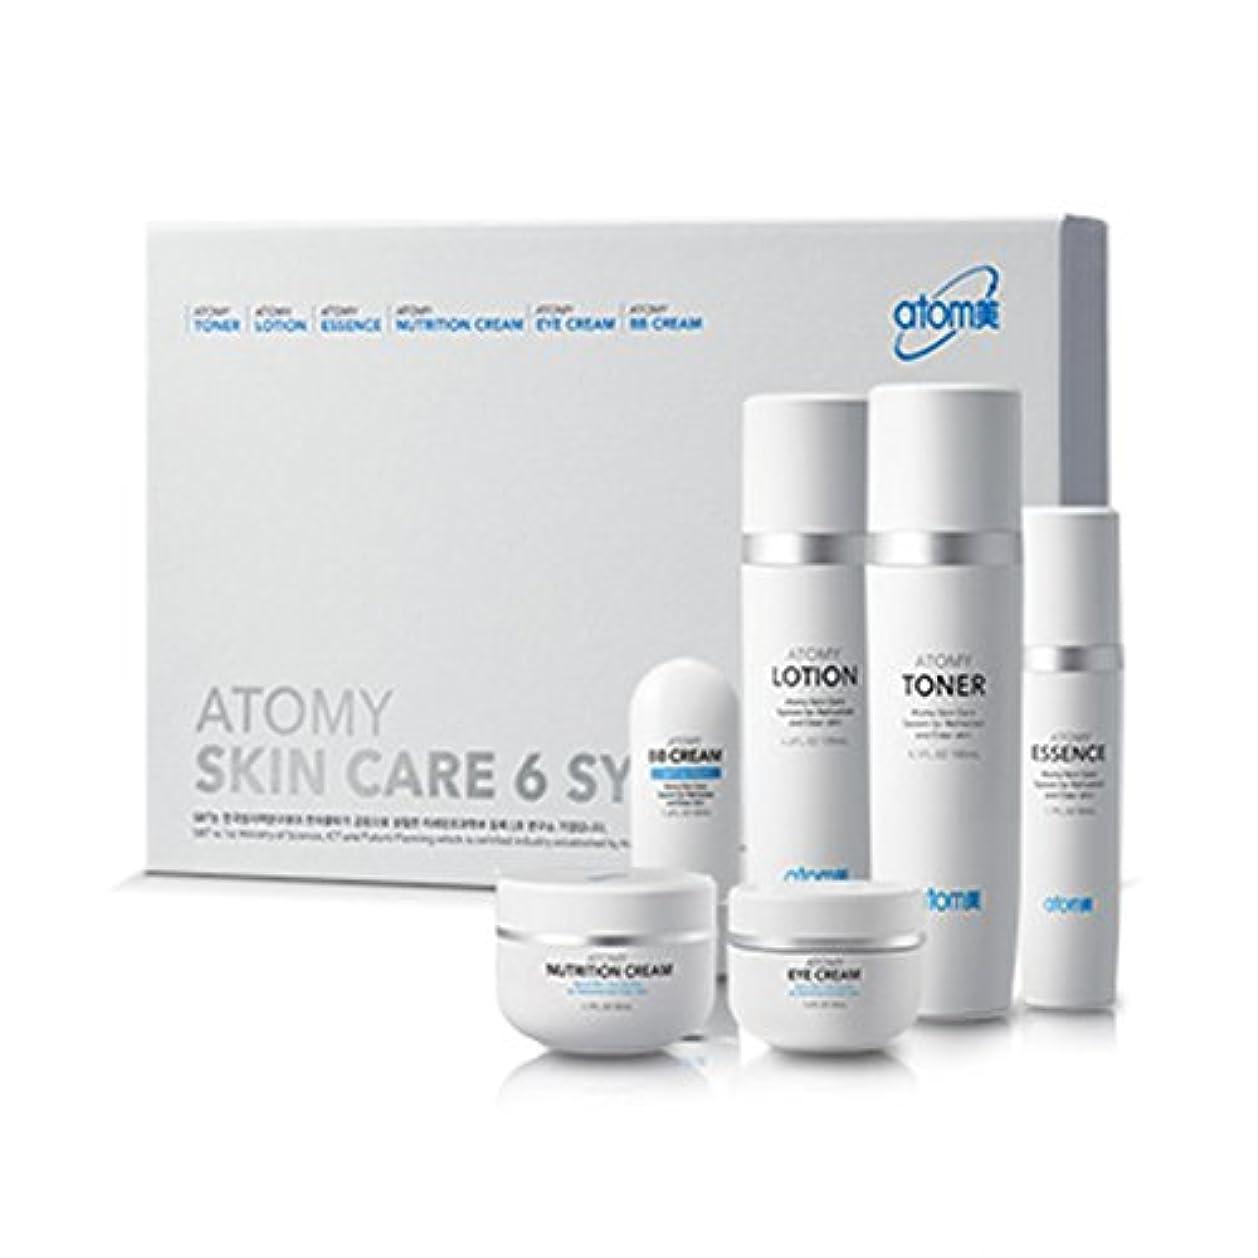 一口重要な役割を果たす、中心的な手段となる消費[Atom美 アトミ/ Atomy] Atomi Skin Care 6 System/スキンケア6システム+[Sample Gift](海外直送品)